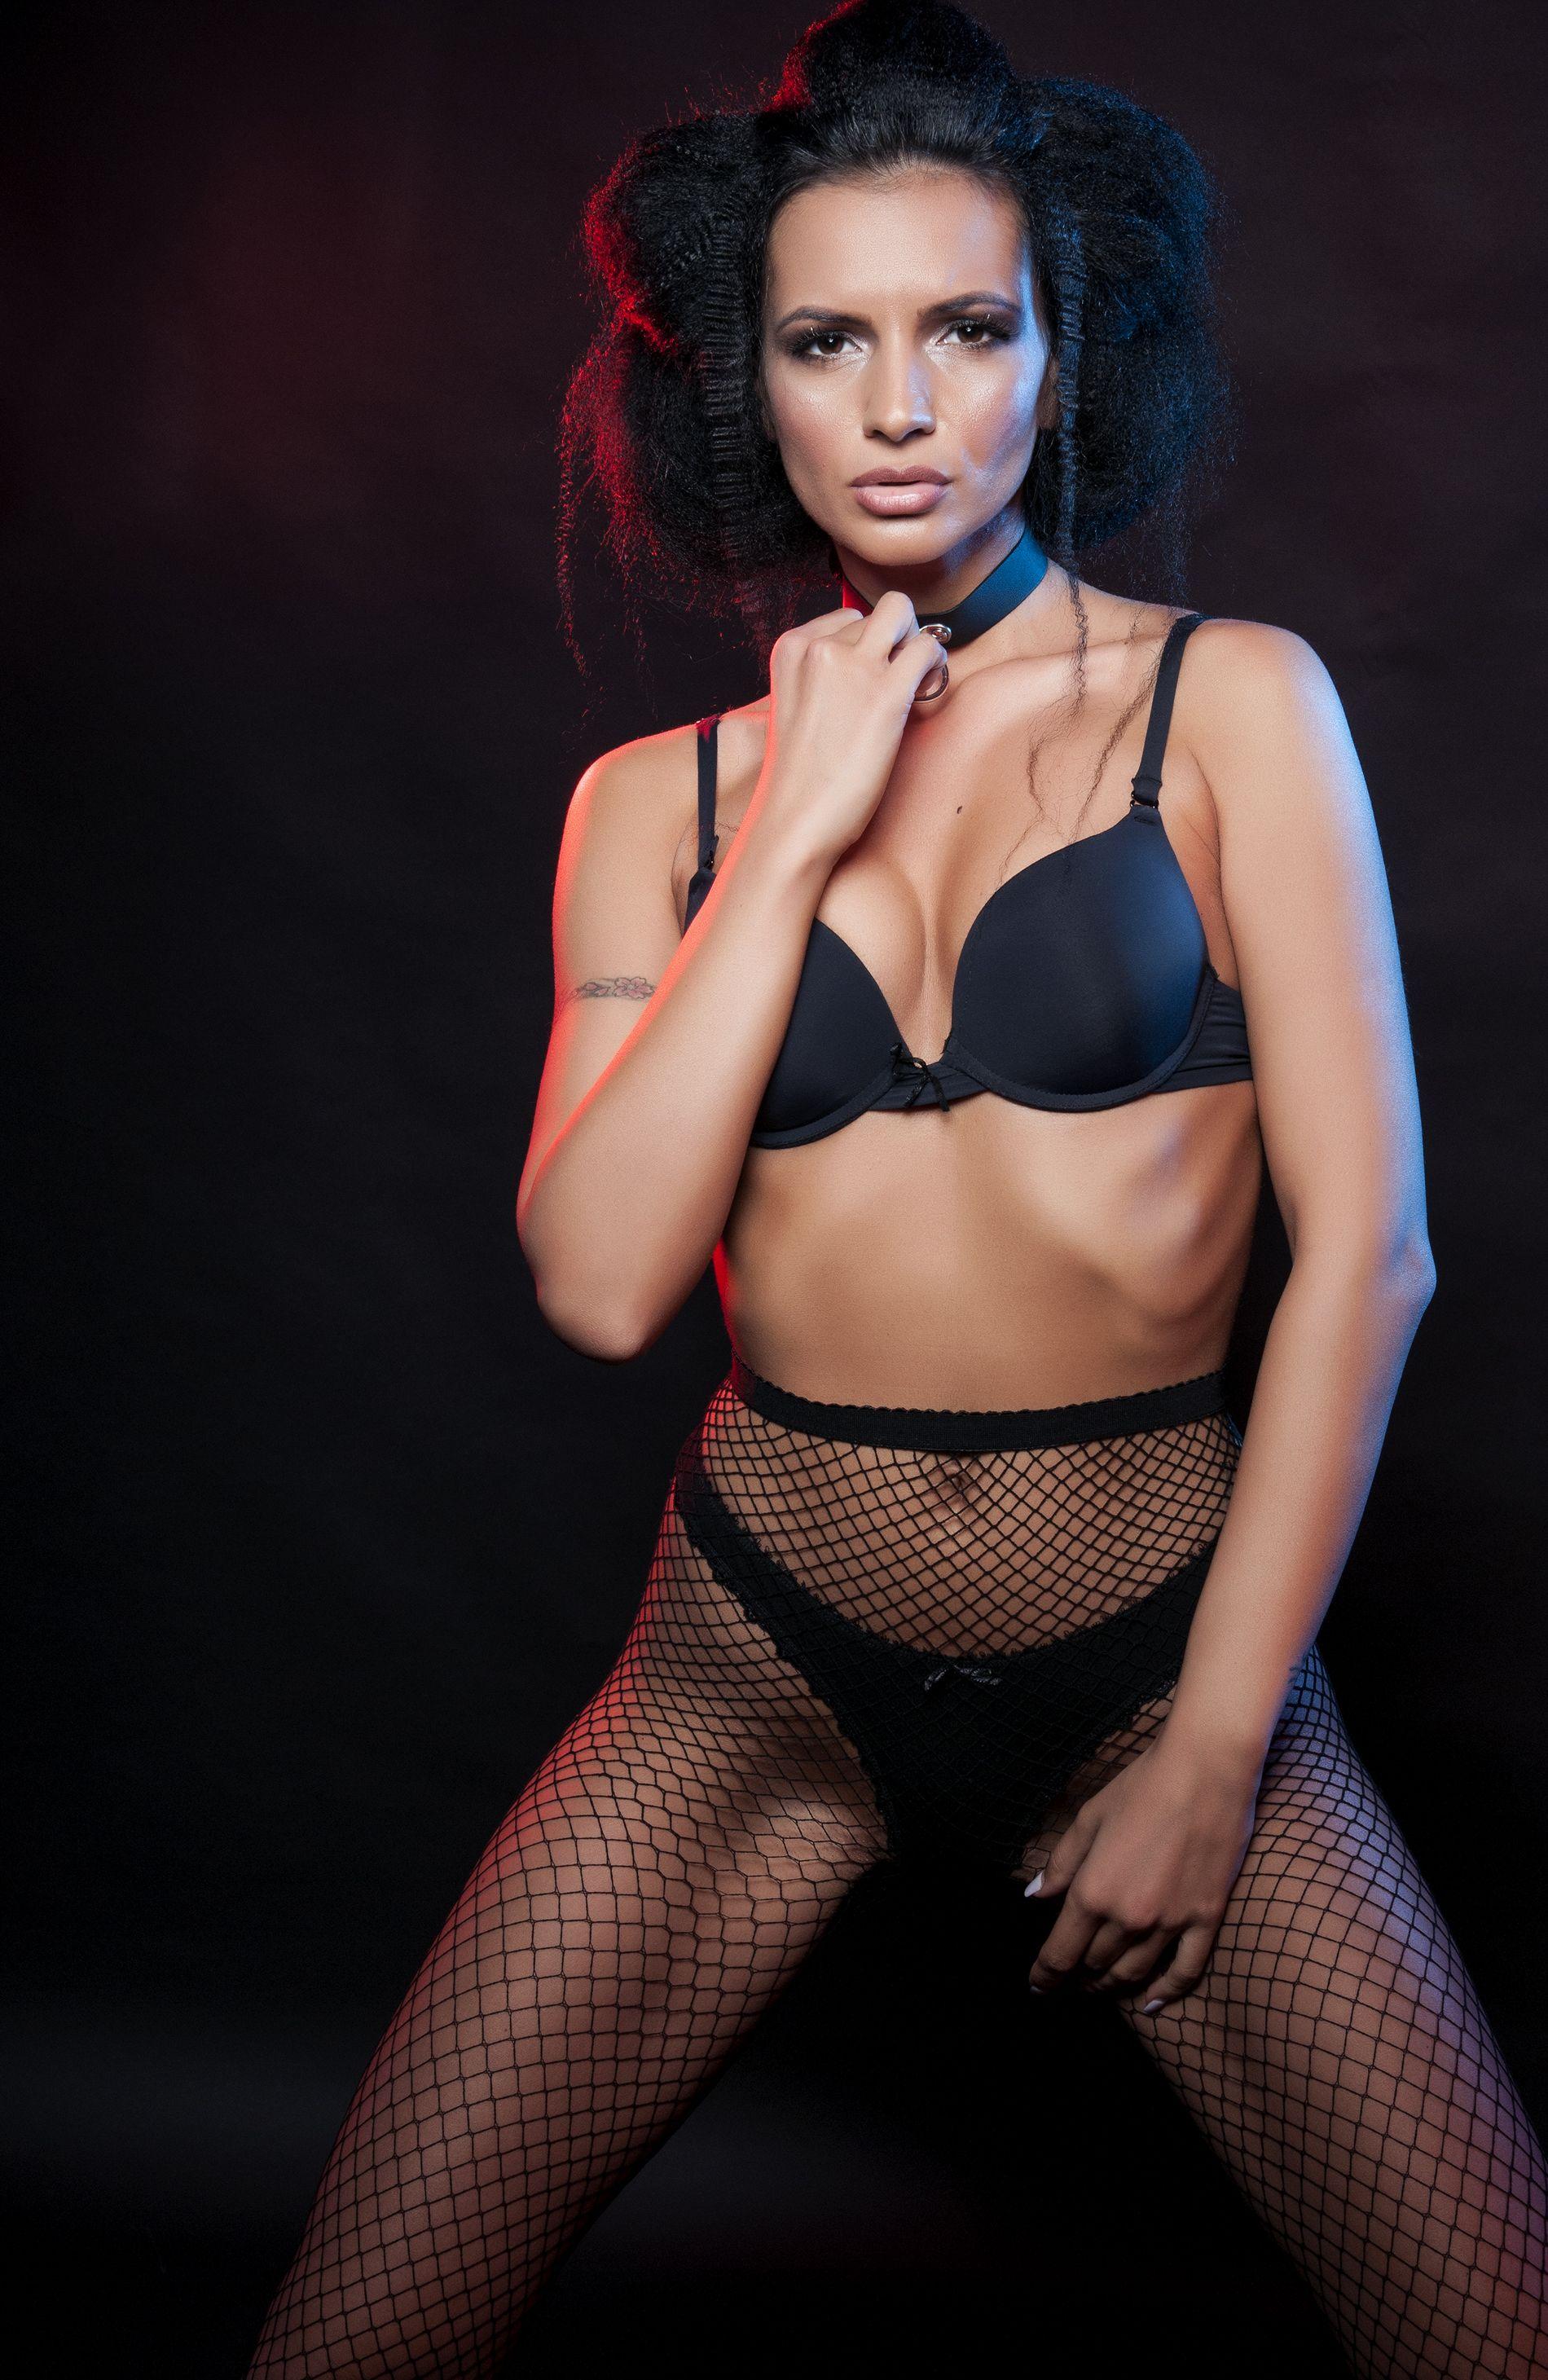 Fotografii erotice în lenjerie Cluj